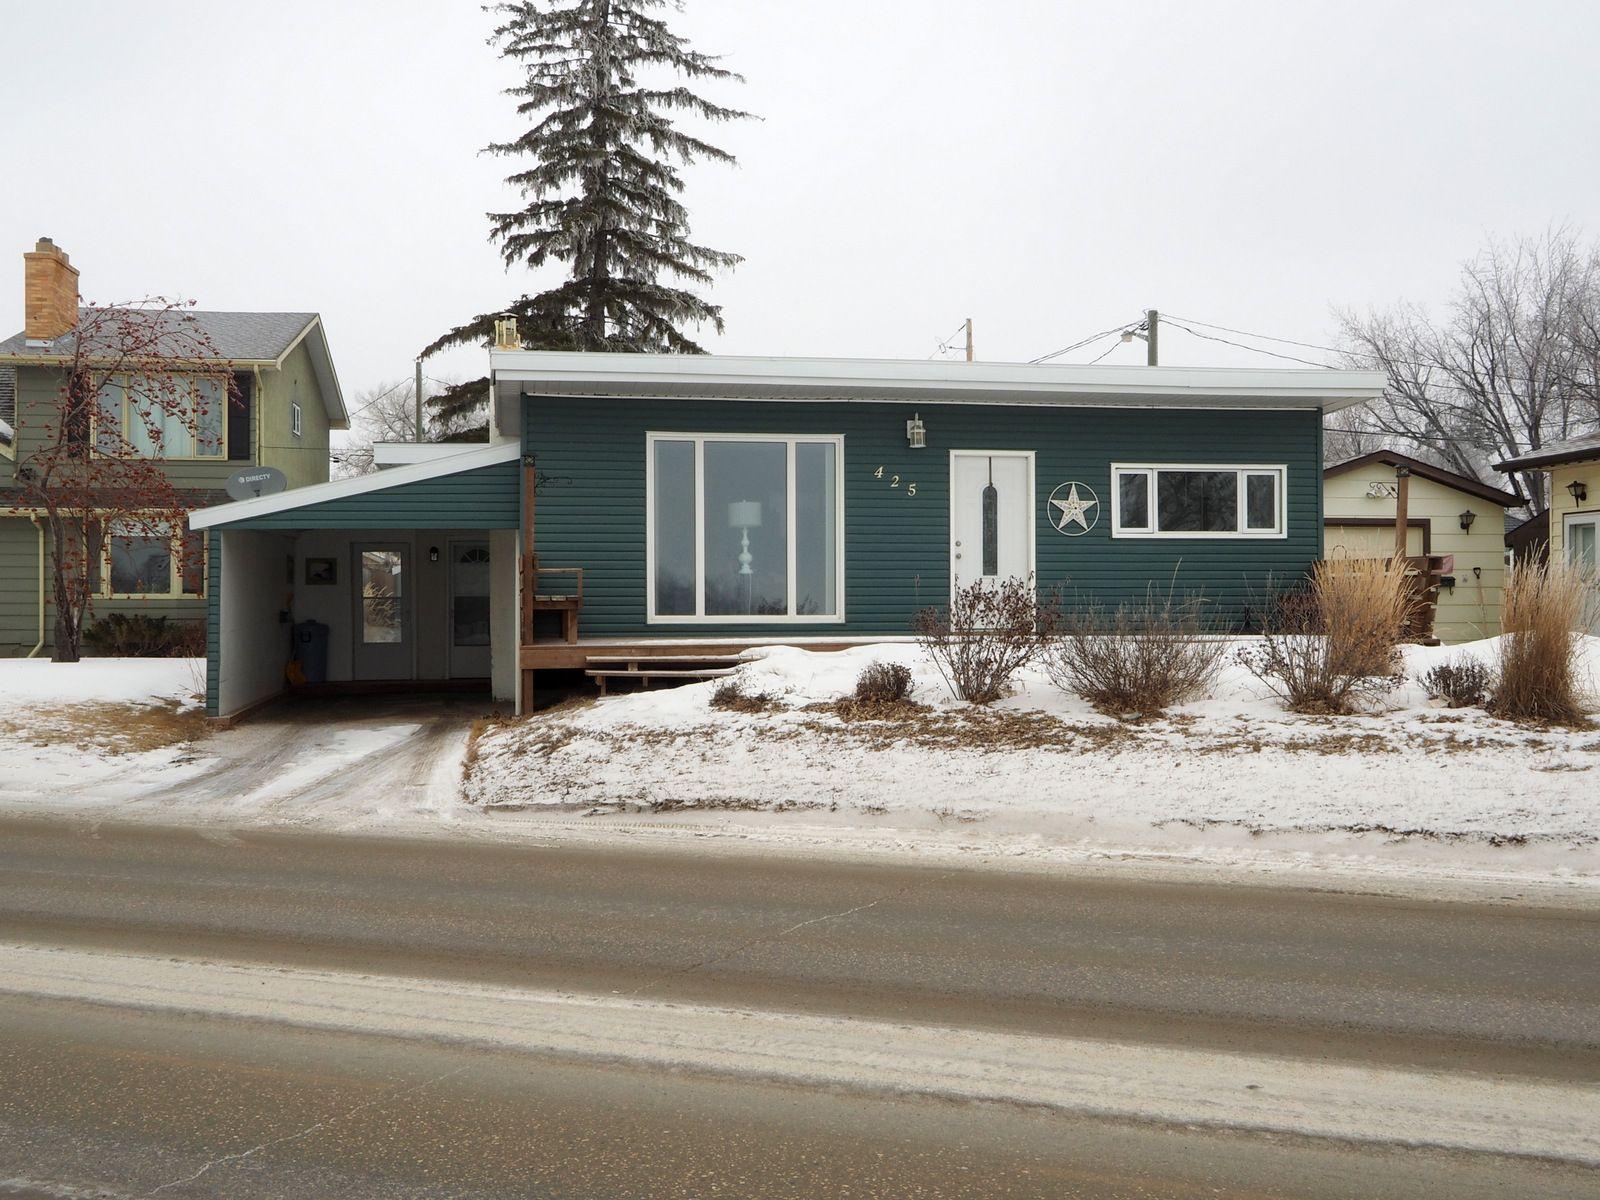 Main Photo: 425 Crescent Road E in Portage la Prairie: House for sale : MLS®# 202101949